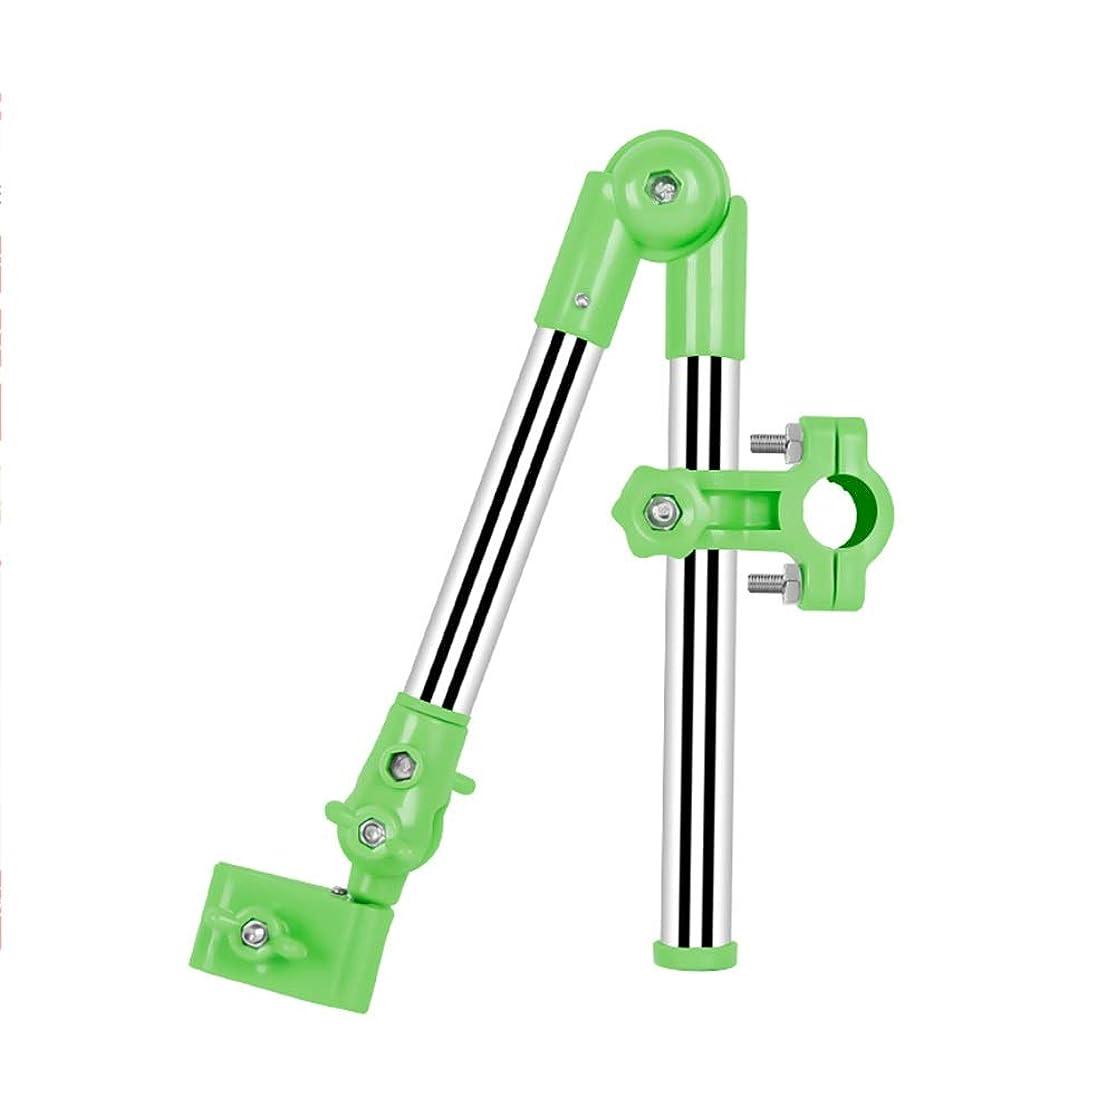 デザートフォーカス人に関する限りXyanzi 自転車の電気自動車のための傘立て、ステンレス鋼360°+ 180°の二方向調節そして取り外し可能なブラケット (色 : 緑)